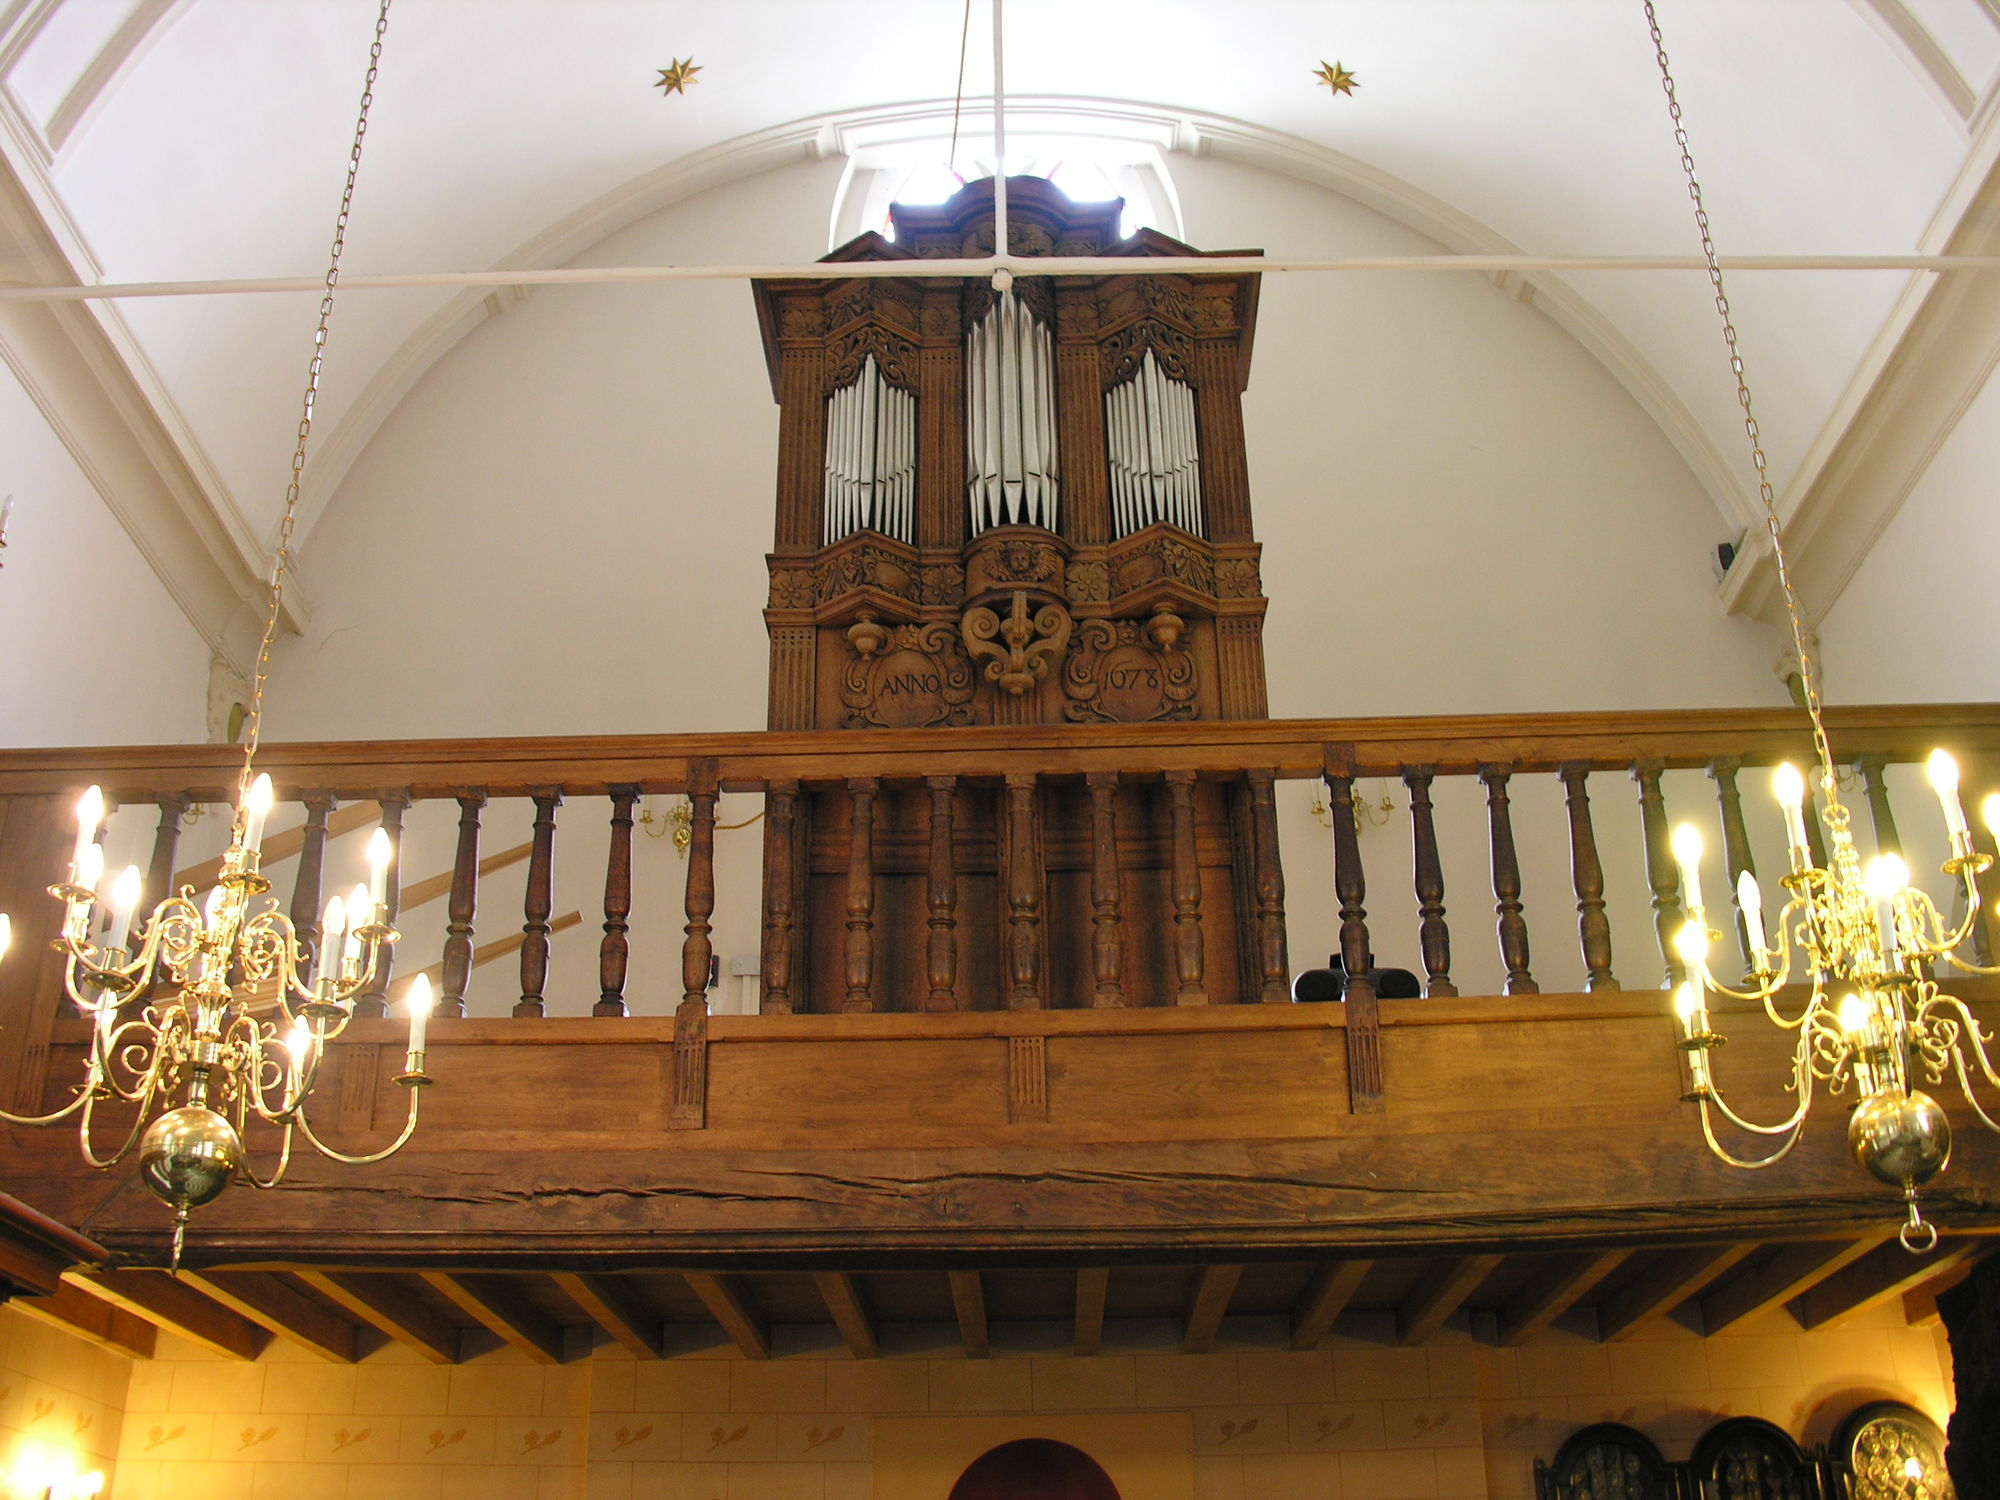 Orgel Begijnhof